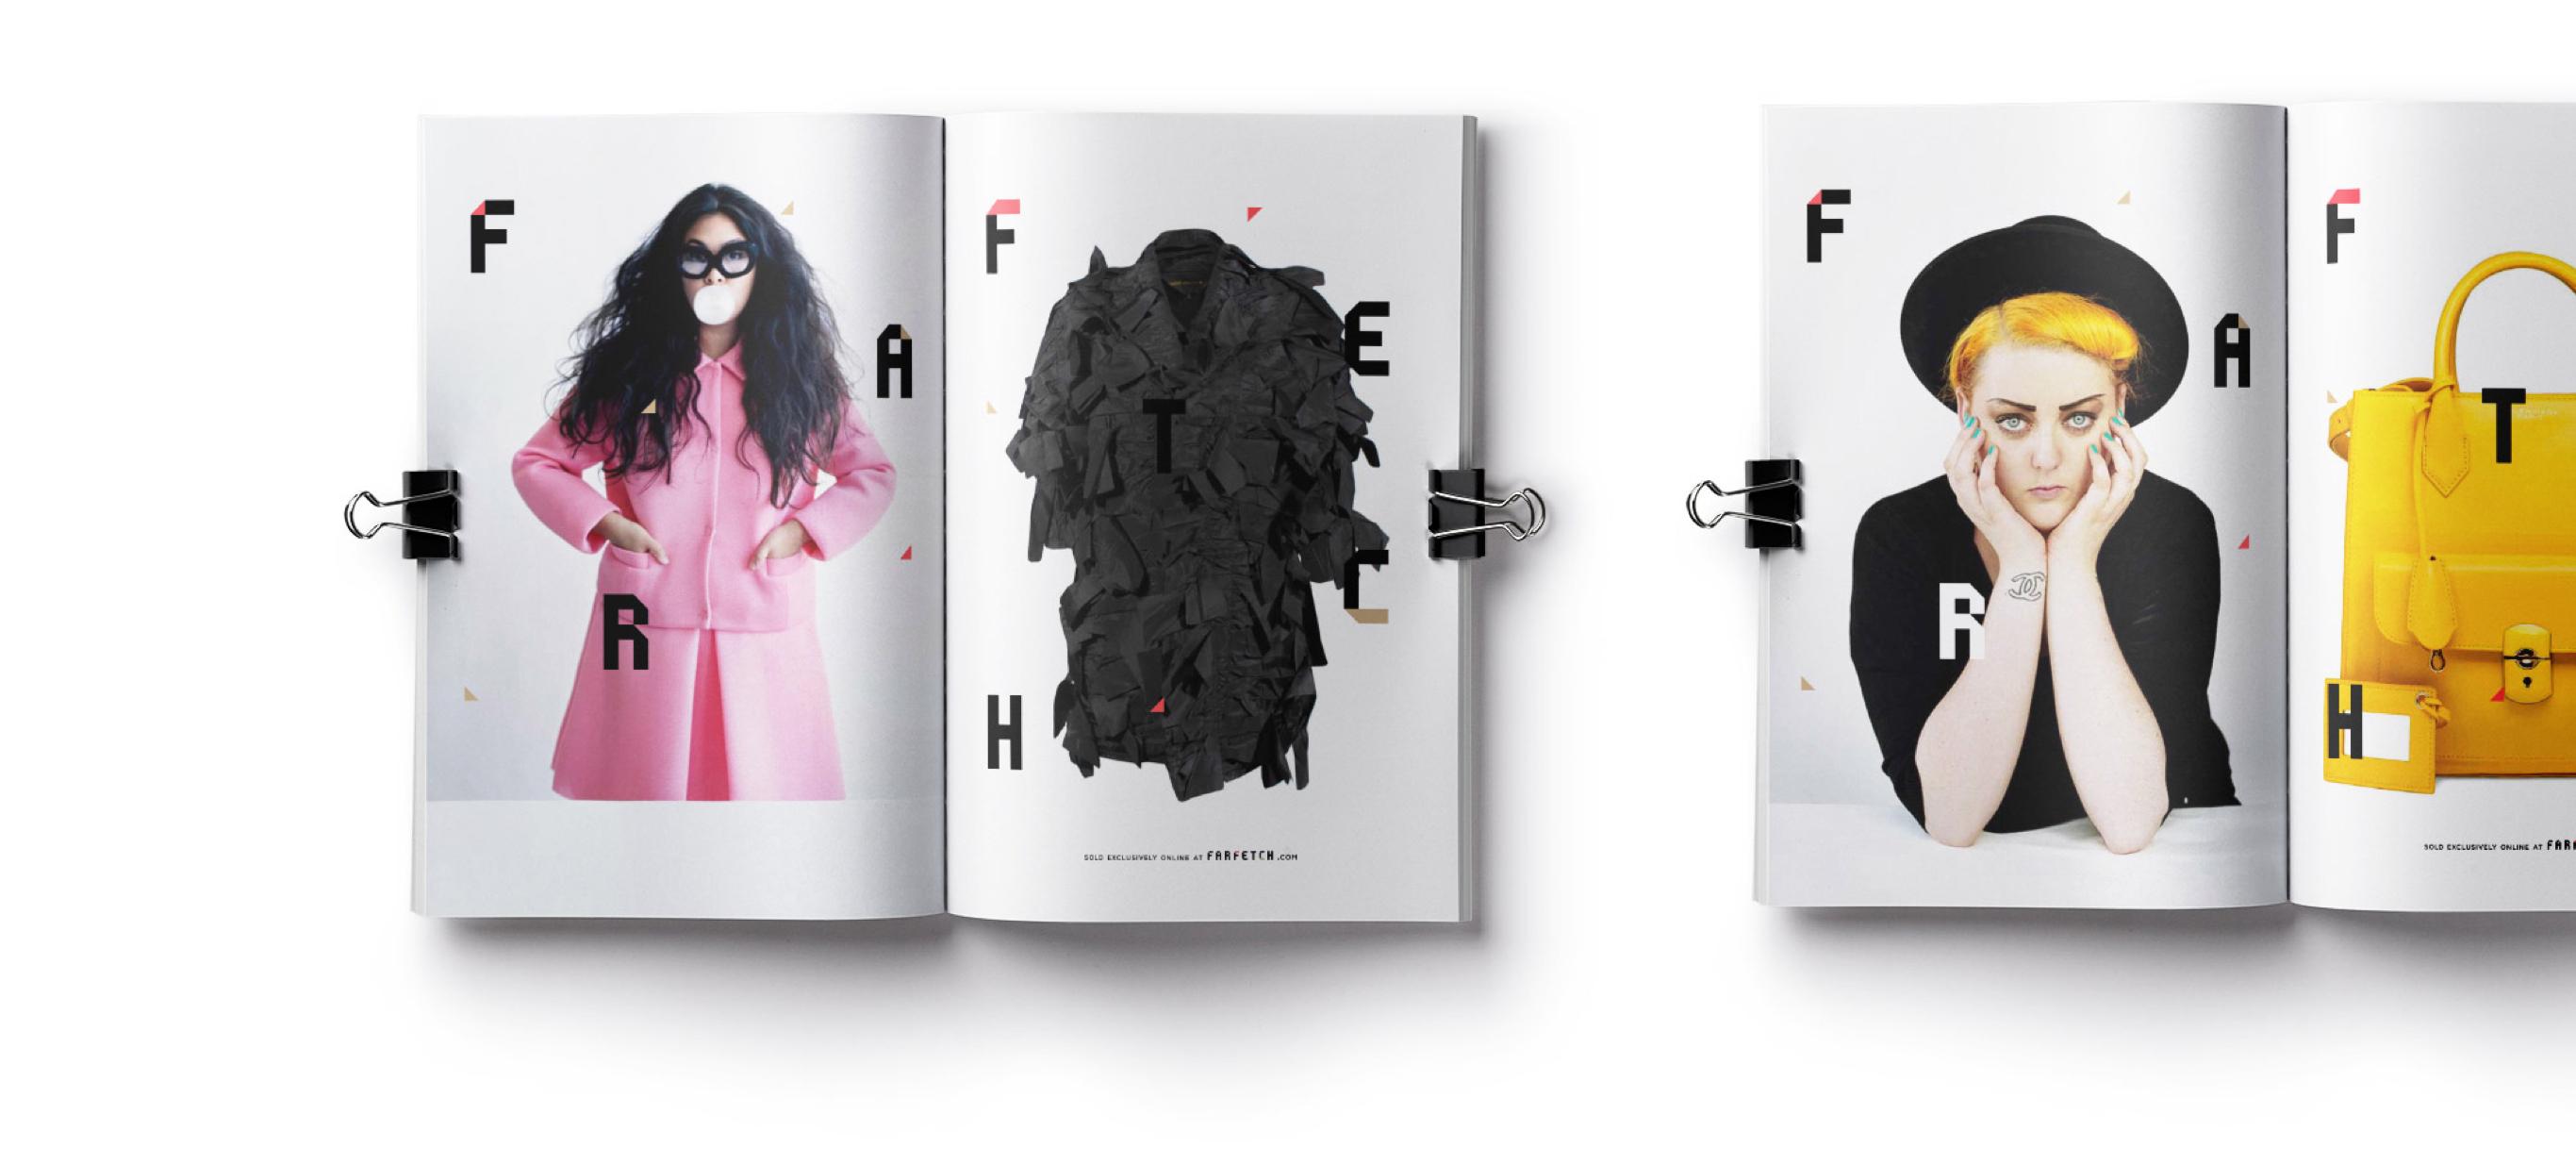 FARFETCH_jh_2014-Ad-Campaign